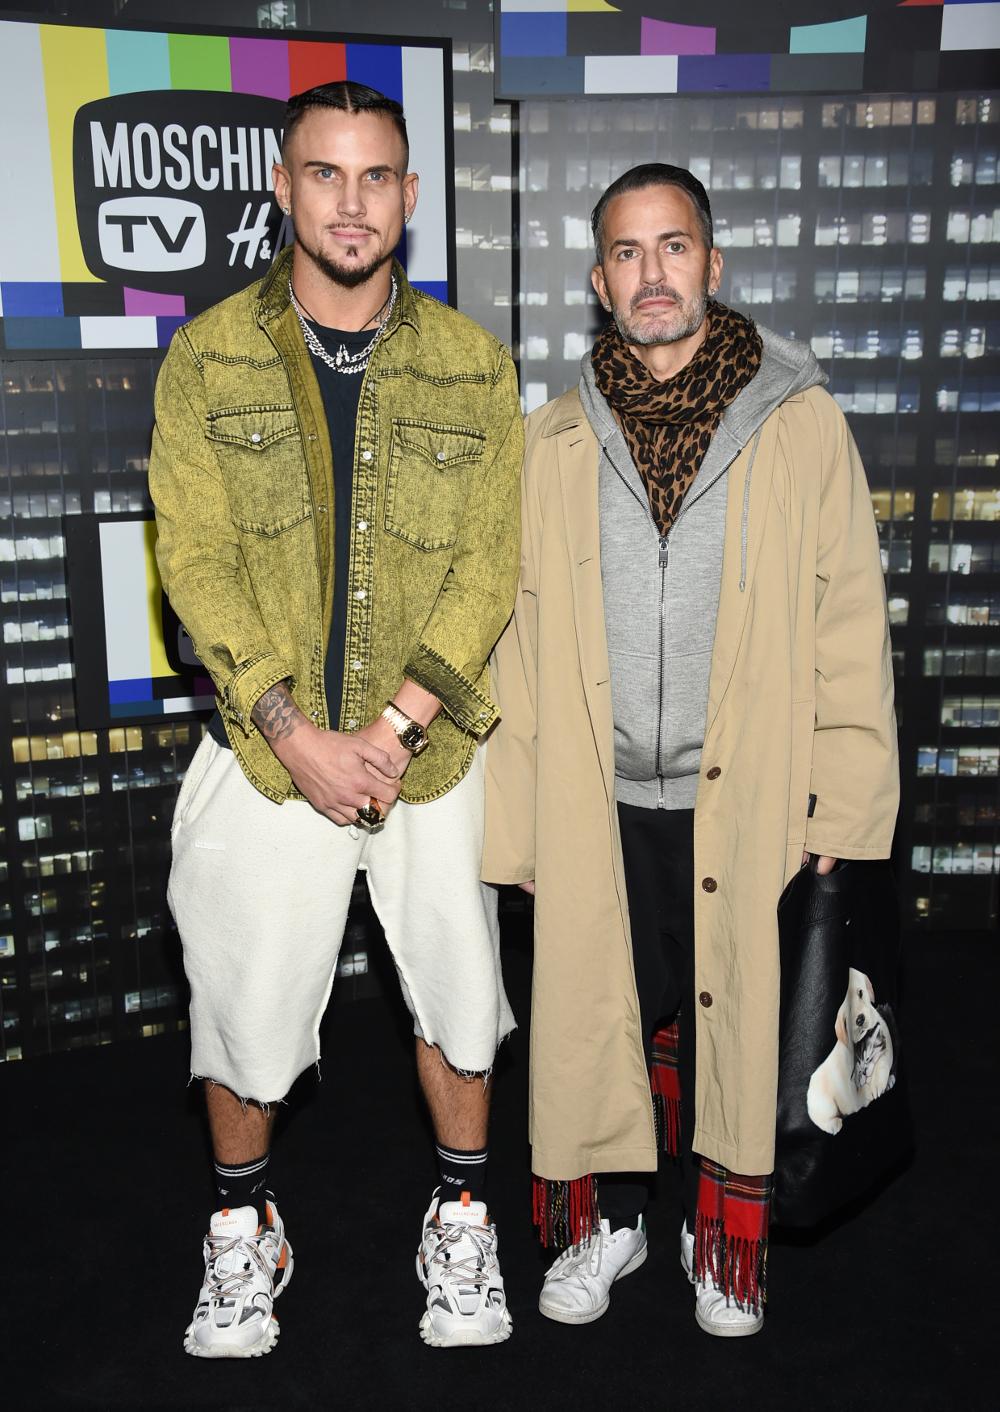 Ο σχεδιαστής Marc Jacobs με τον αγαπημένο του Τσαρ Ντεφρανσέσκο